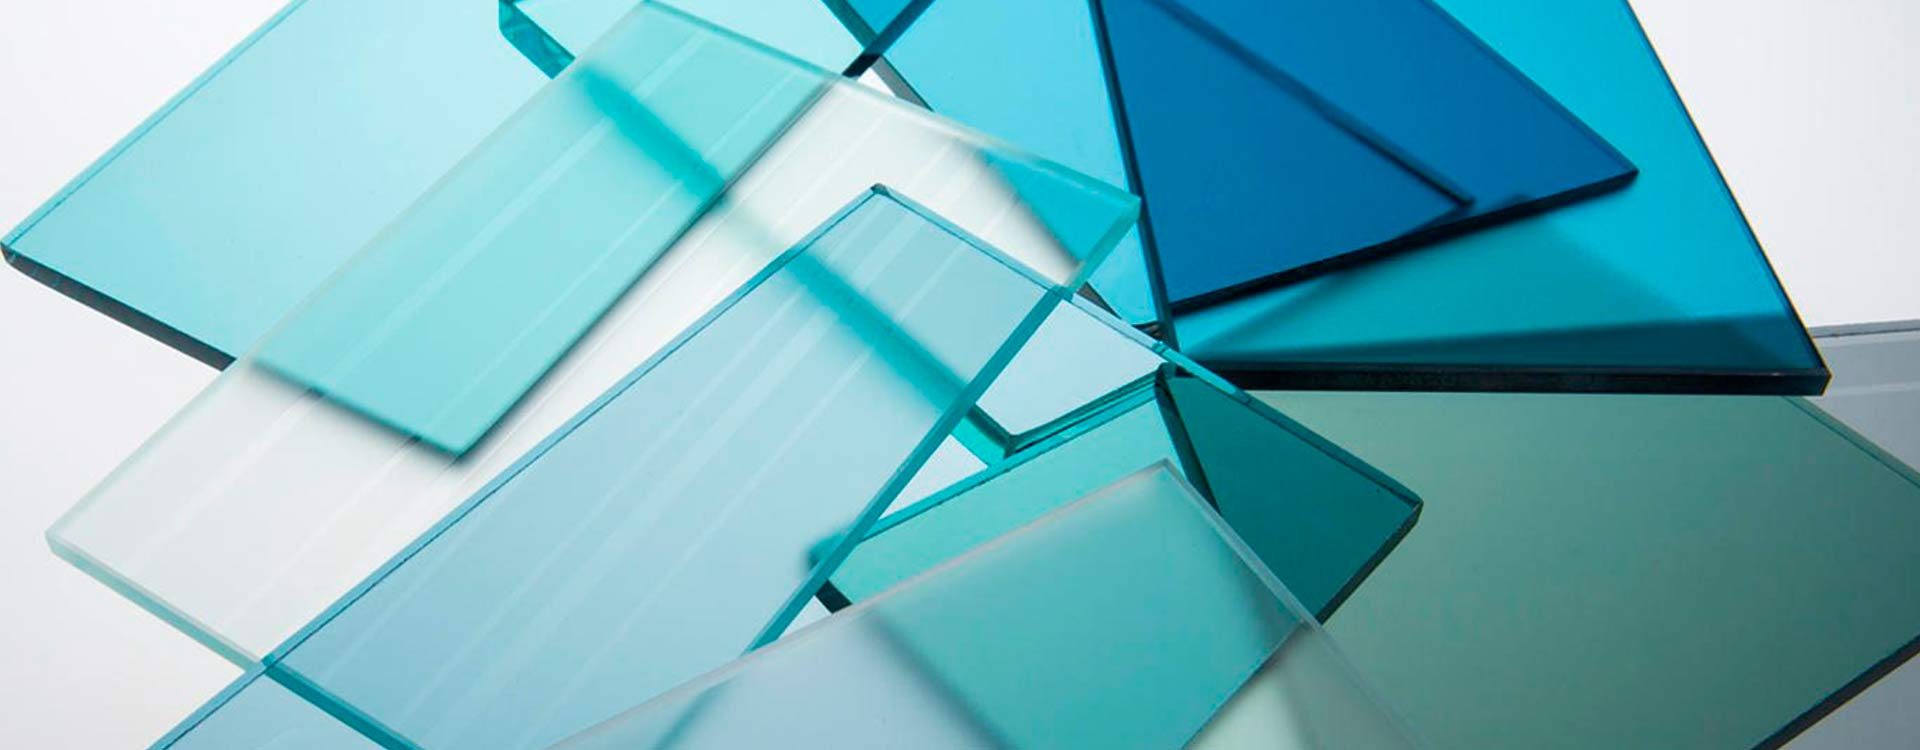 Флоат-стекло AGC